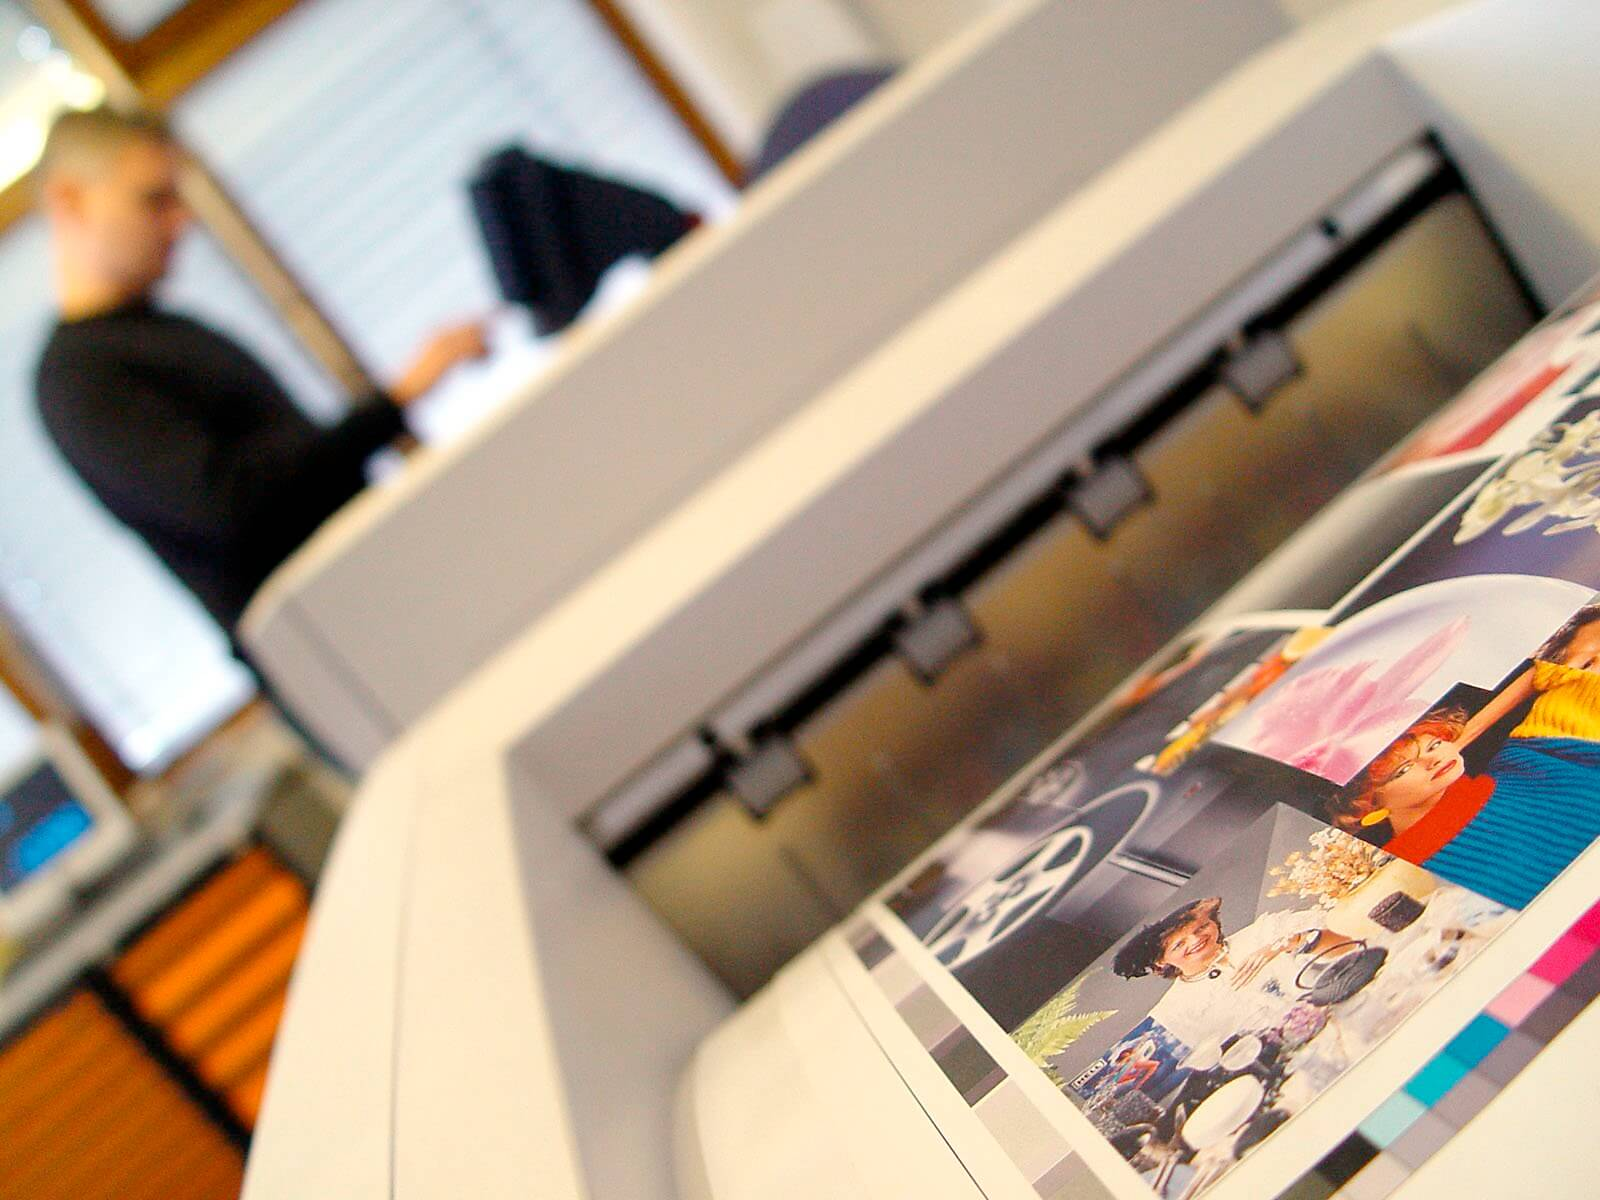 najlepsze modele drukarek atramentowych